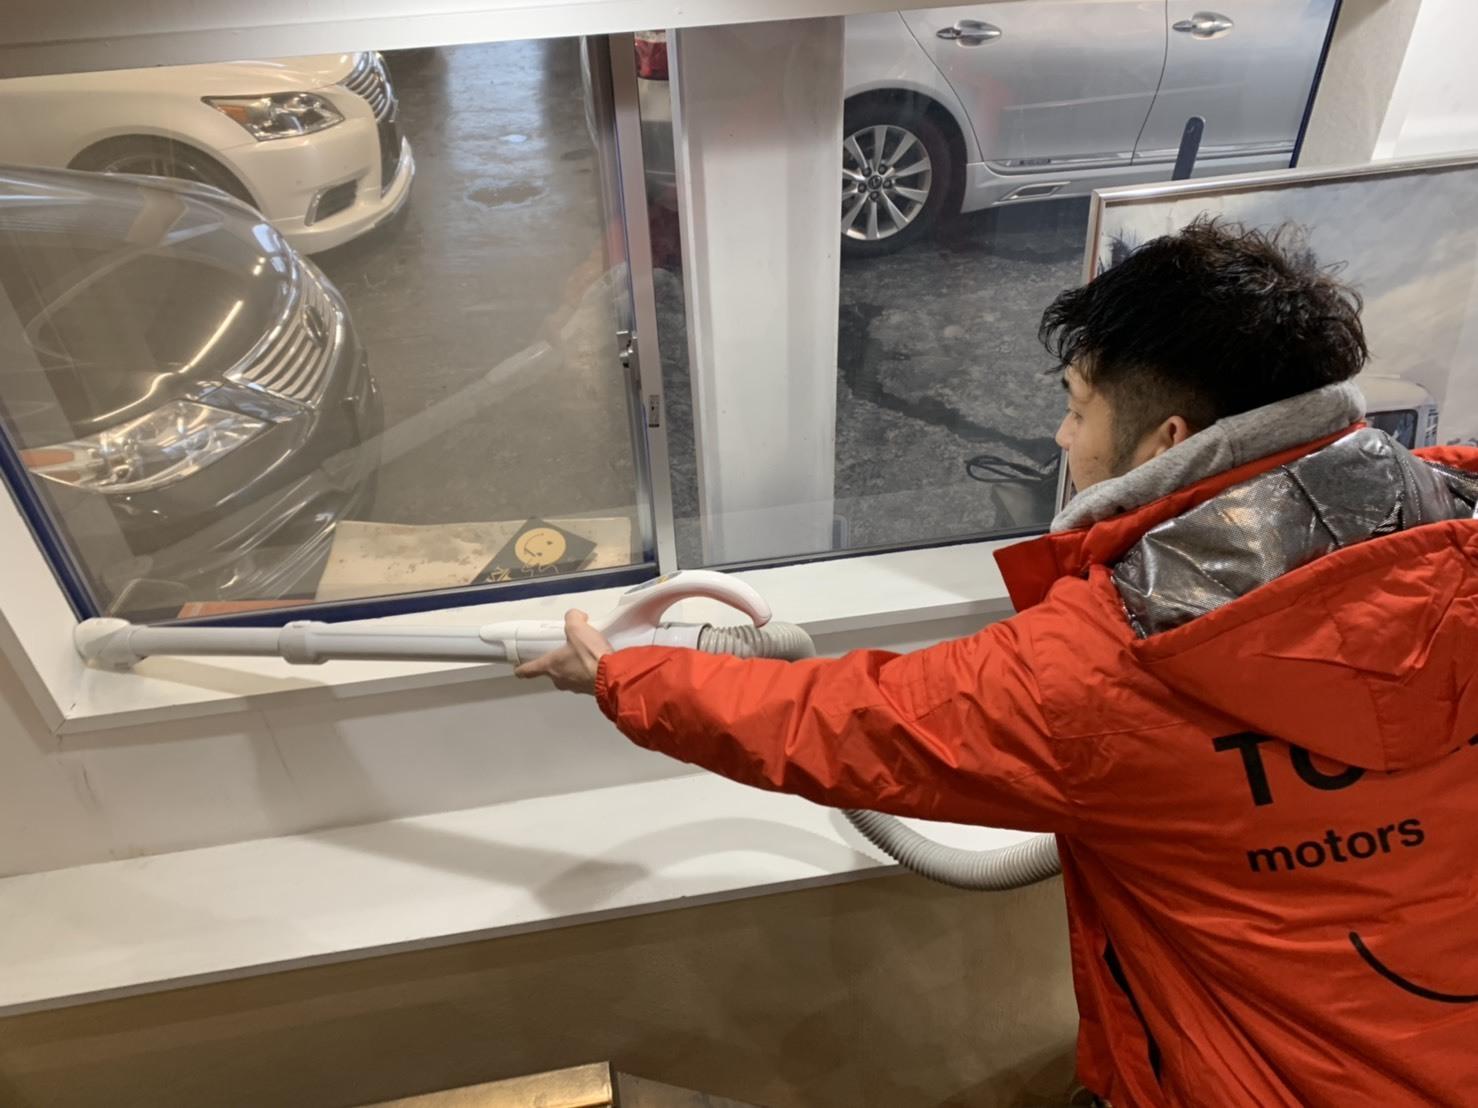 12月27日(金)トミーベースブログ☆T様レガシィワゴン納車✨✨1月7日より初売り開催🎶レクサス♬スバル限定車🎶クラウン♬フーガ🎶希少車多数✨自社ローン_b0127002_16564646.jpg